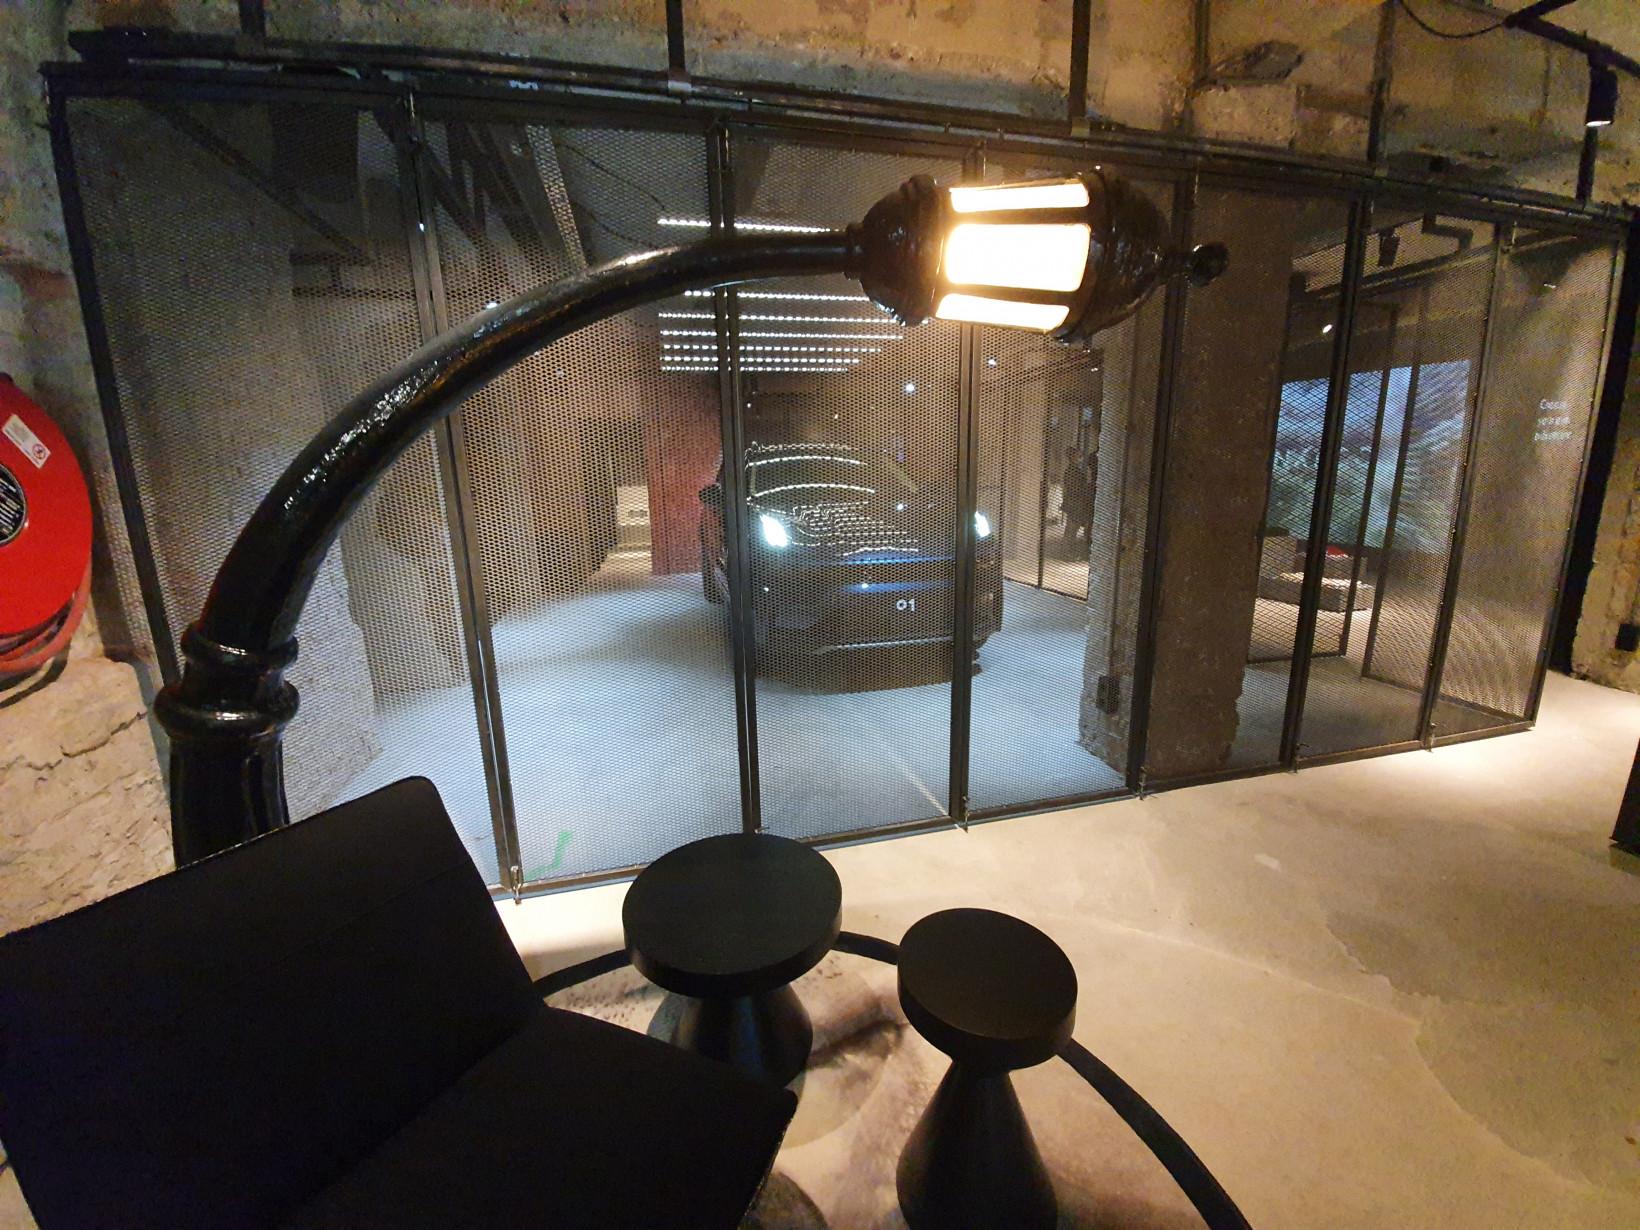 car, sale, lamp, chair